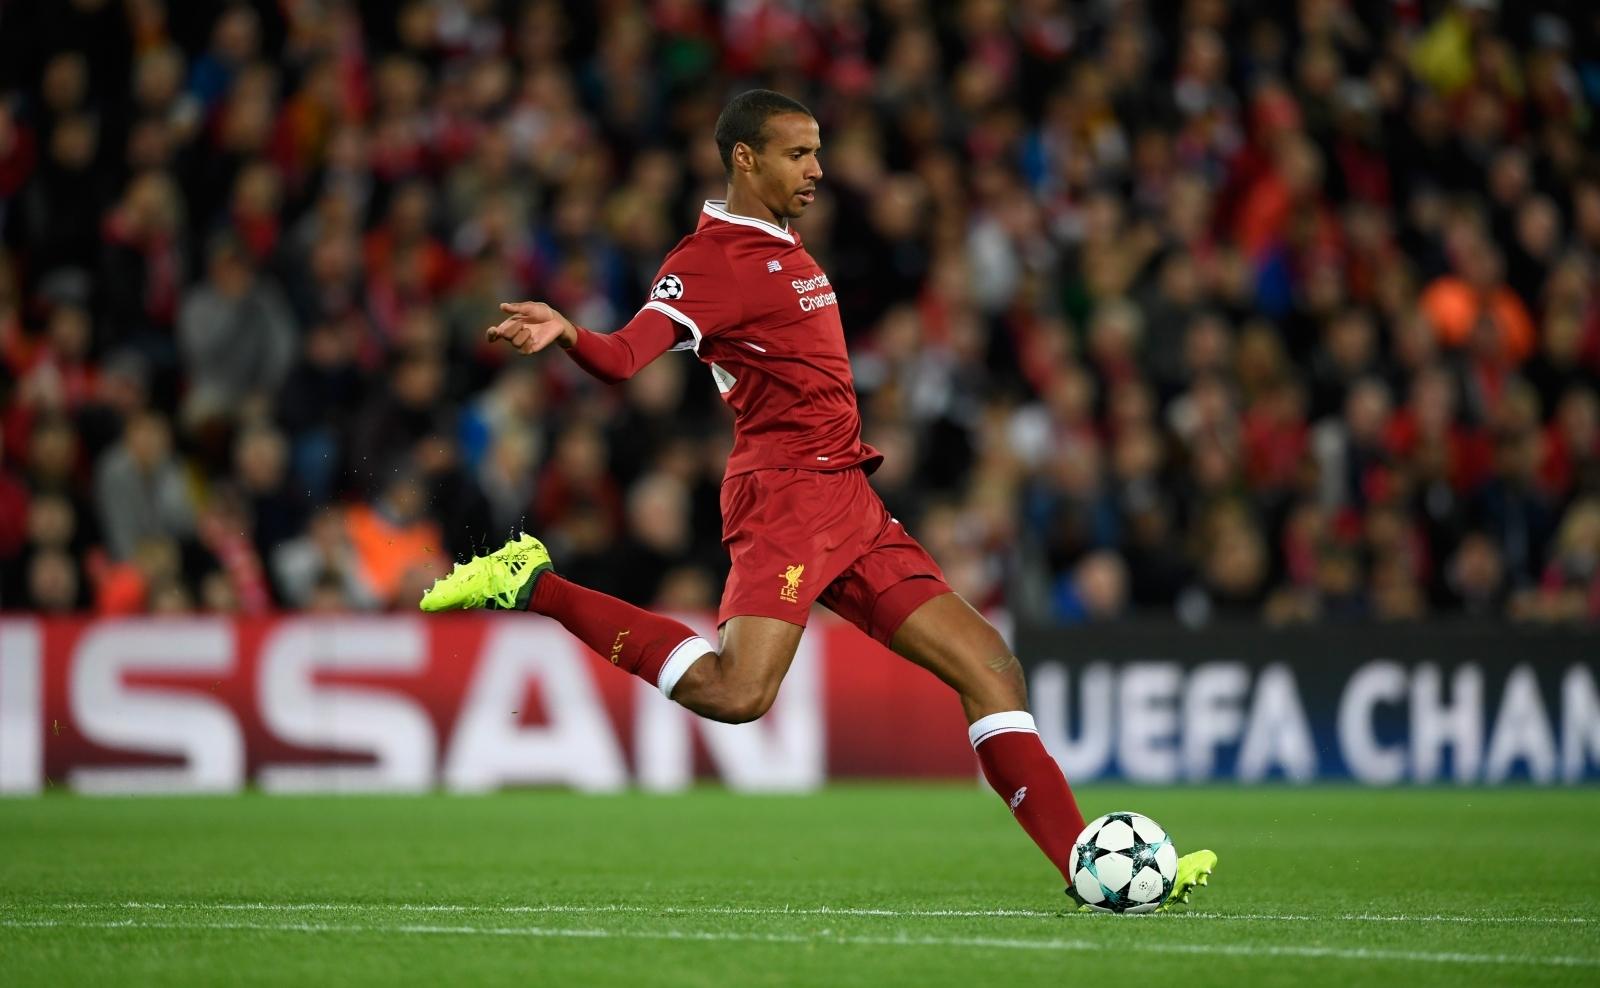 Salah at the double as Liverpool beat Southampton 3-0